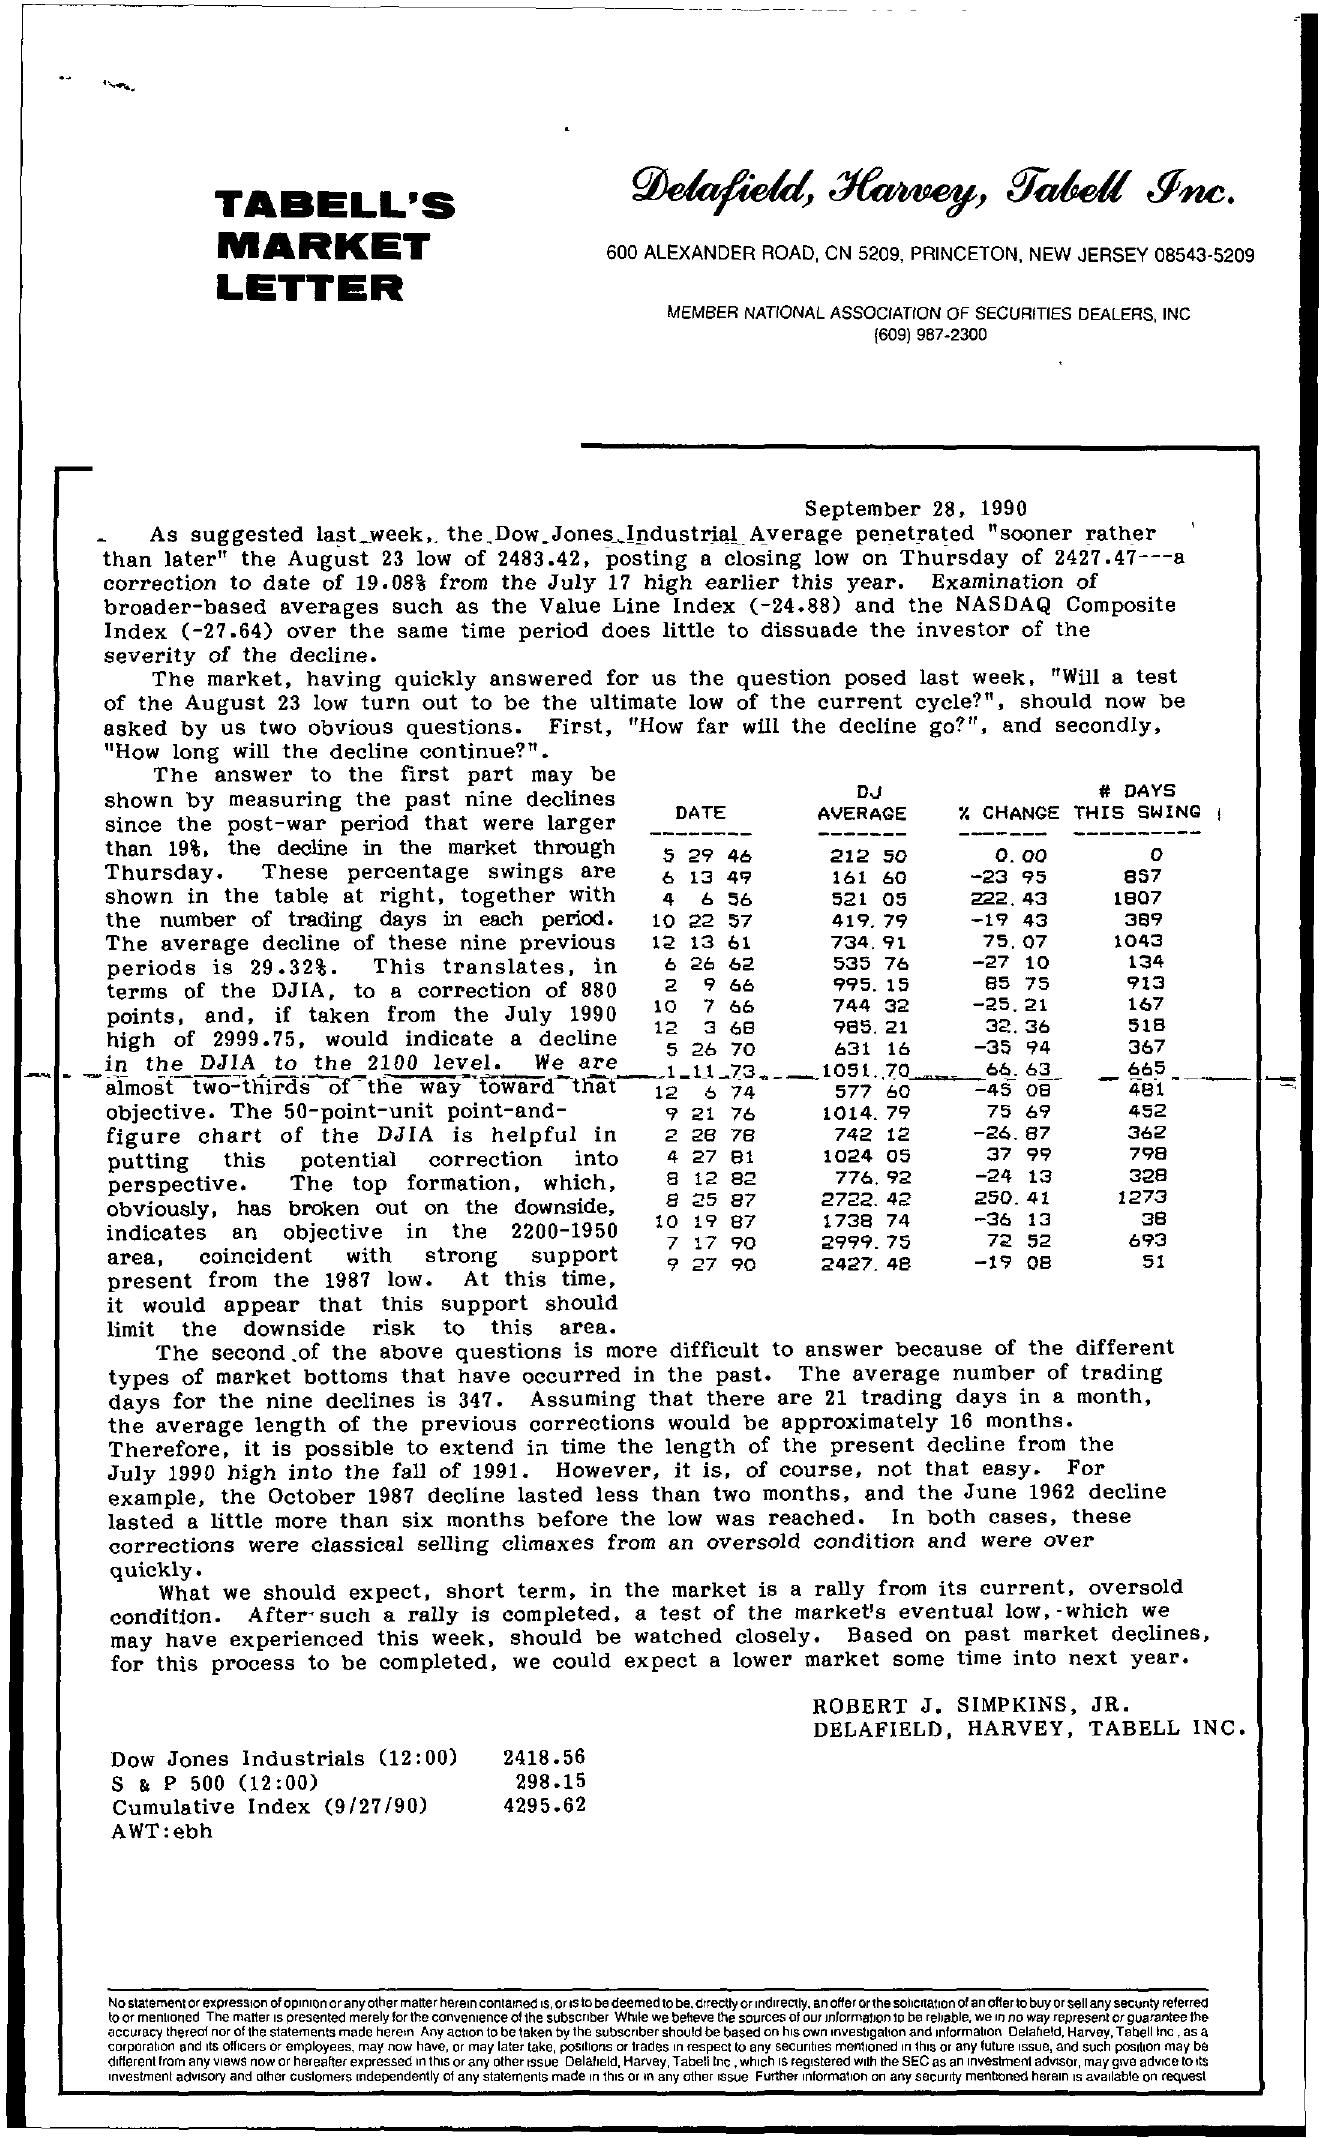 Tabell's Market Letter - September 28, 1990